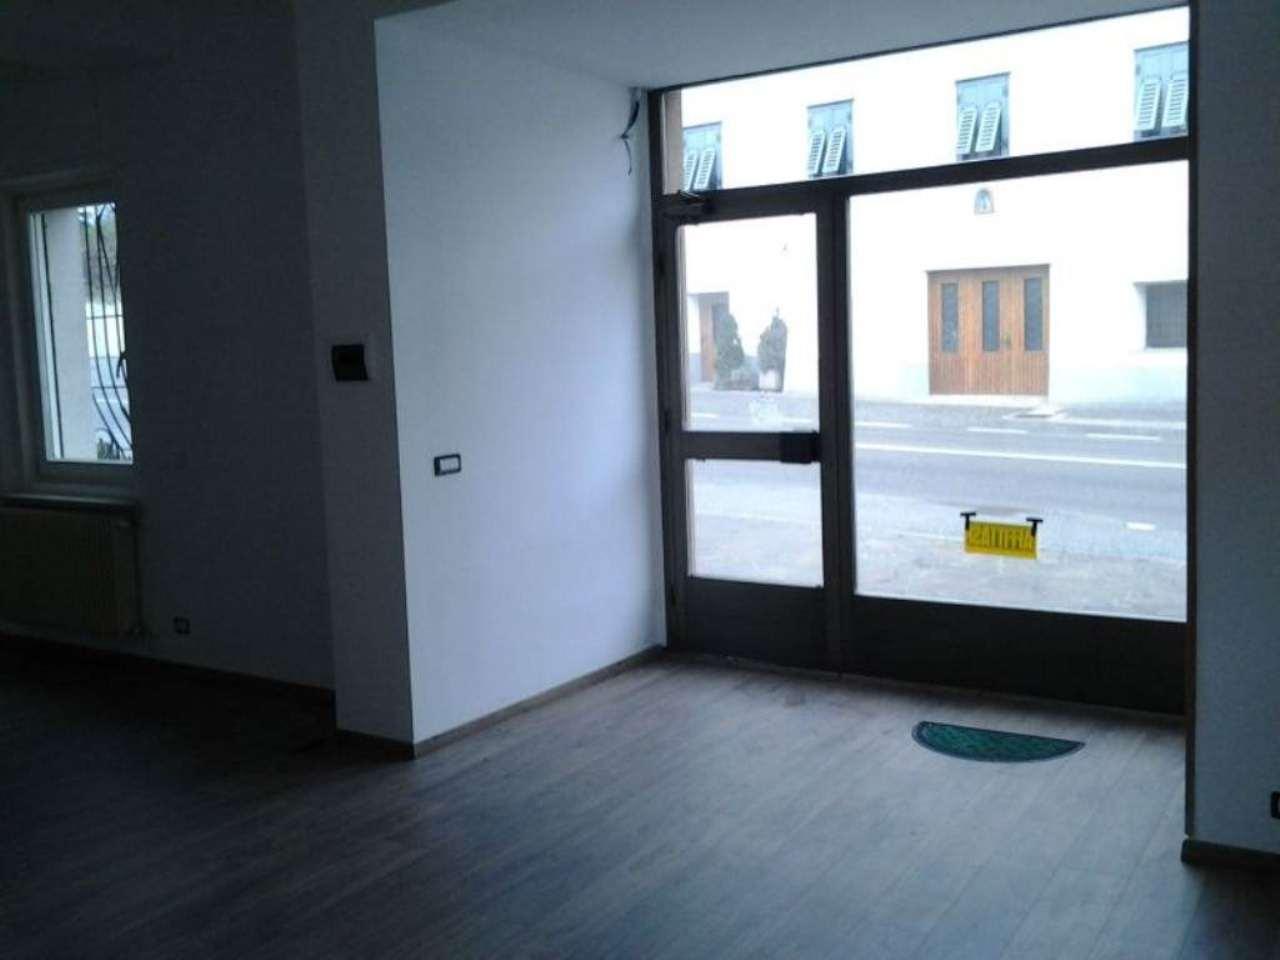 Negozio / Locale in affitto a Cles, 1 locali, prezzo € 430 | CambioCasa.it